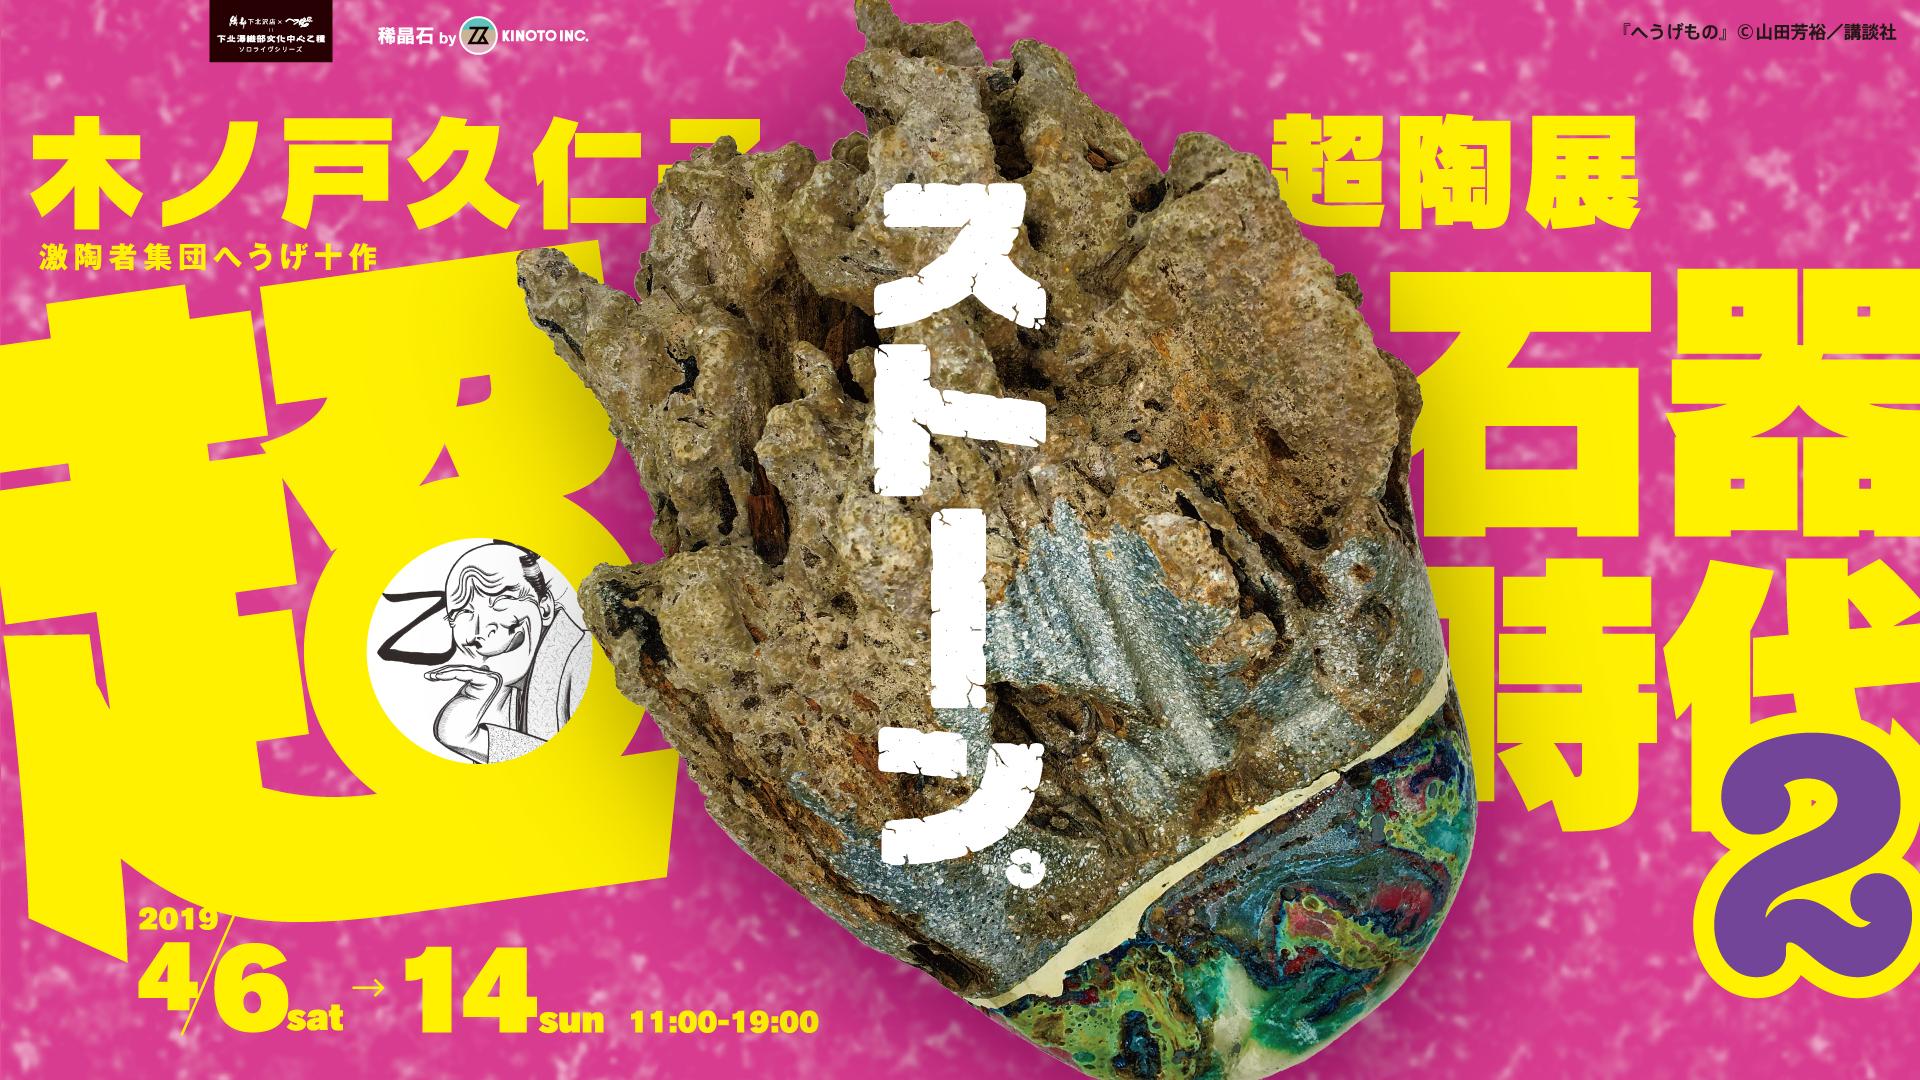 木ノ戸久仁子超陶展『超石器時代2』